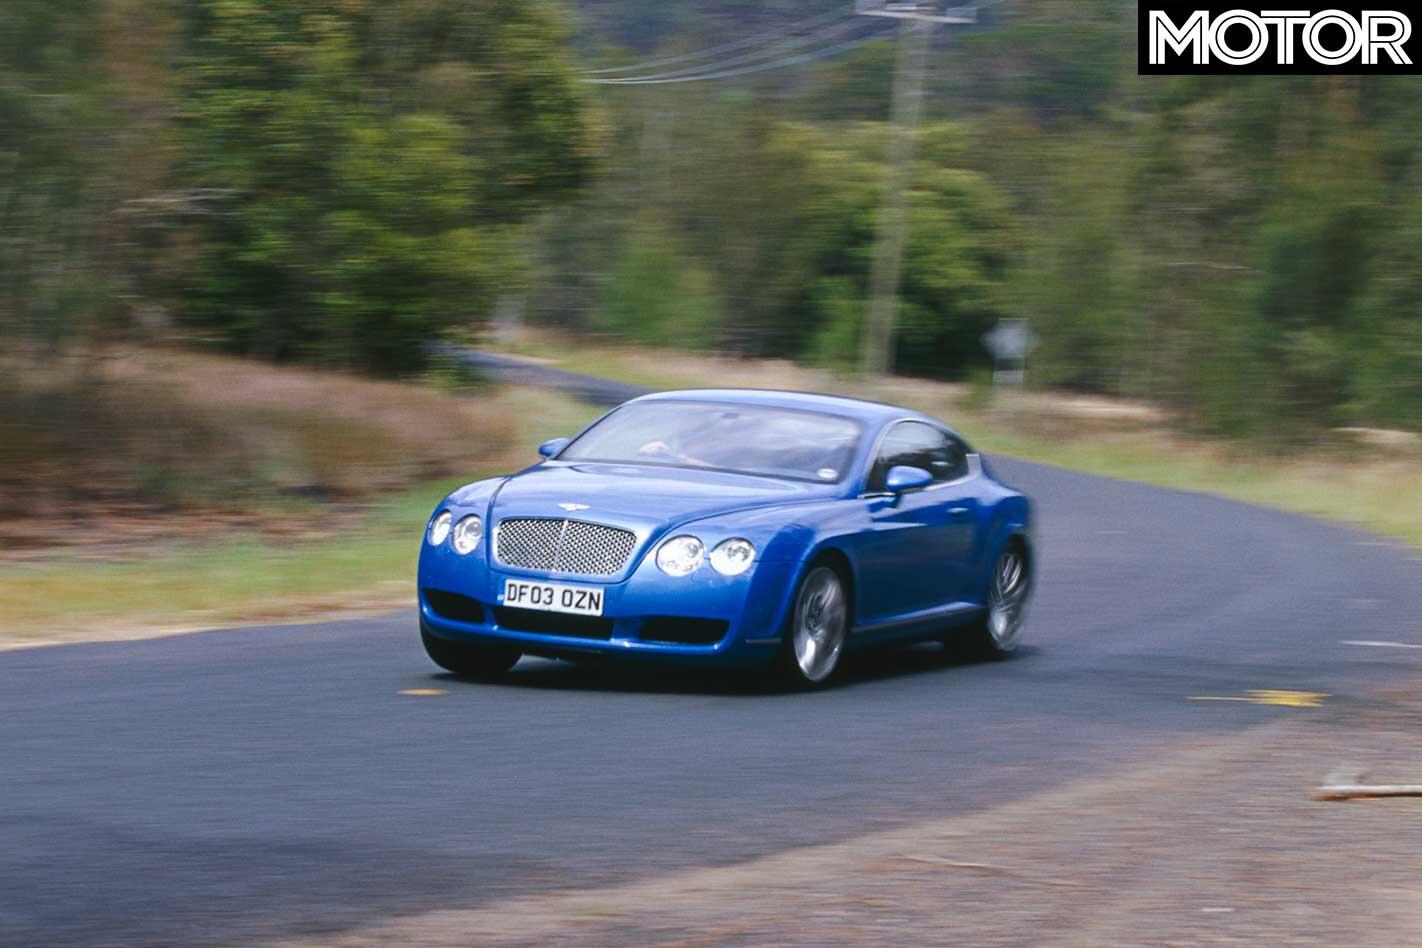 2004 Bentley Continental GT Front Handling Jpg